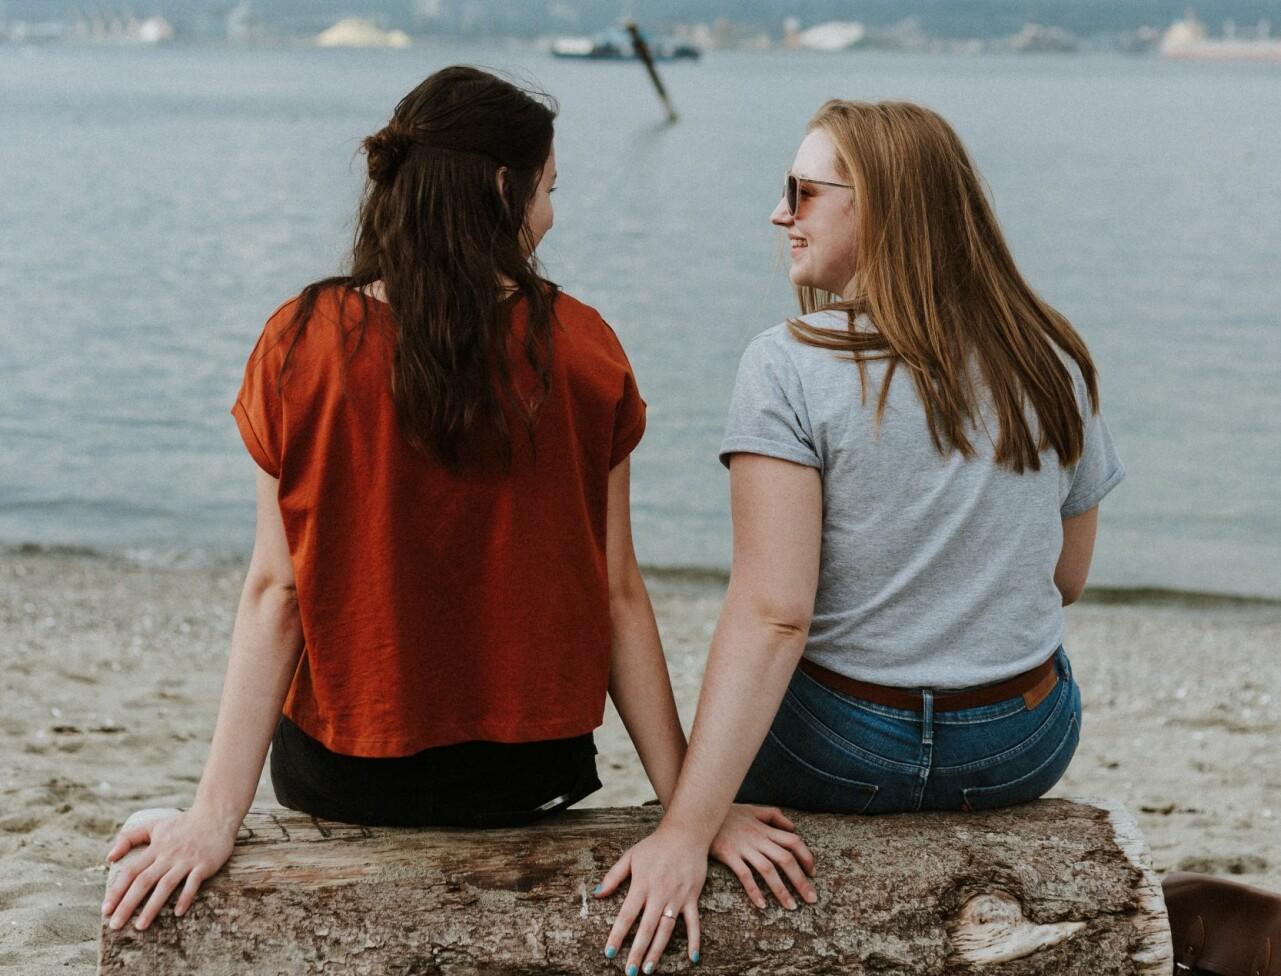 Två vänner sitter och pratar på en strand.